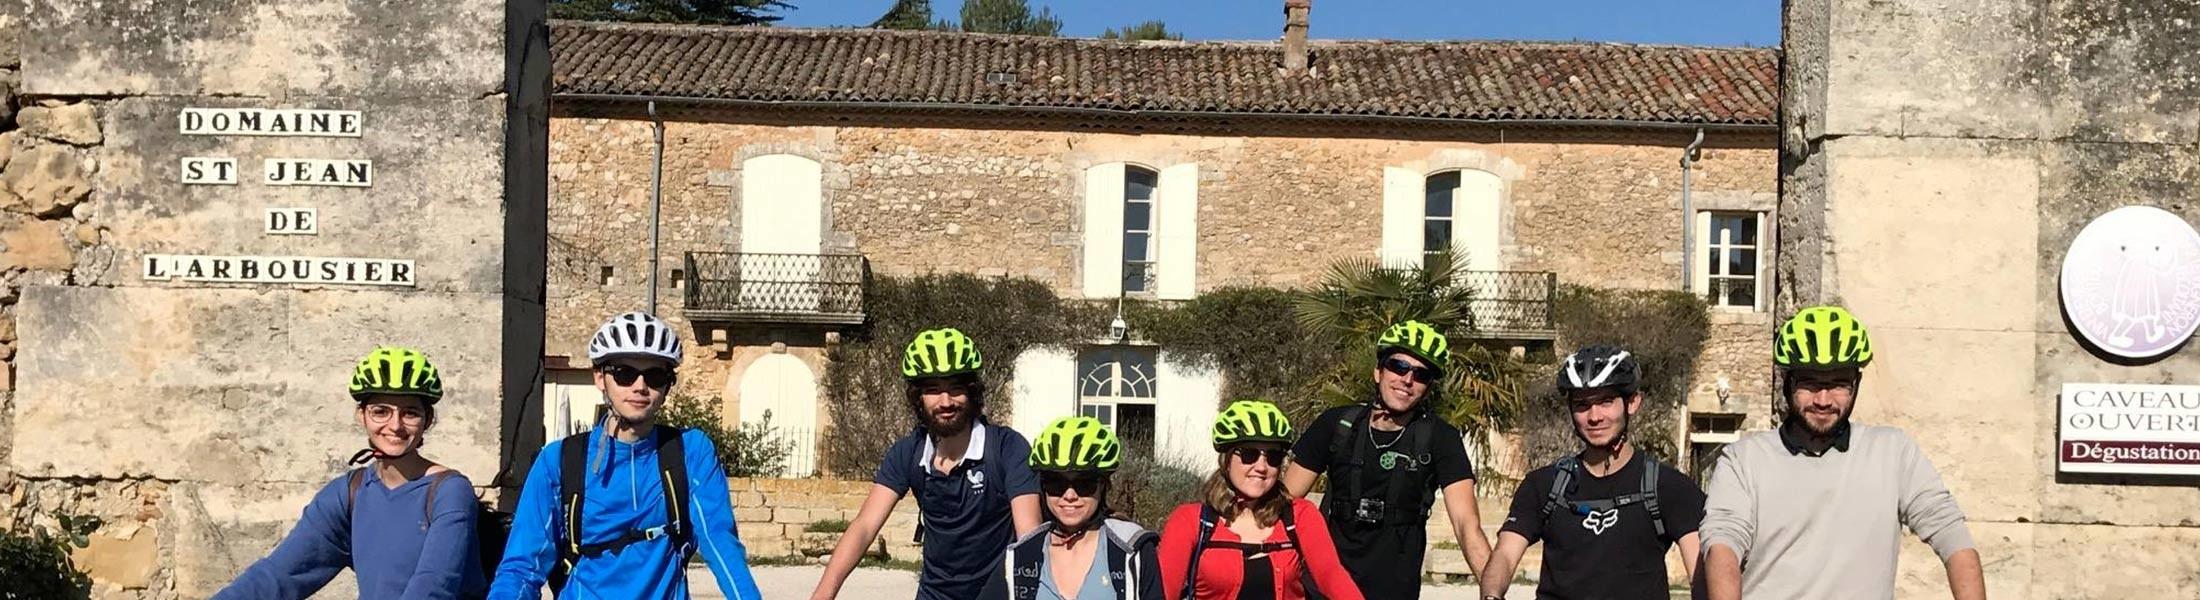 Photo - Oenotourisme - Domaine Saint Jean de l'Arbousier - accueil de groupe - sport